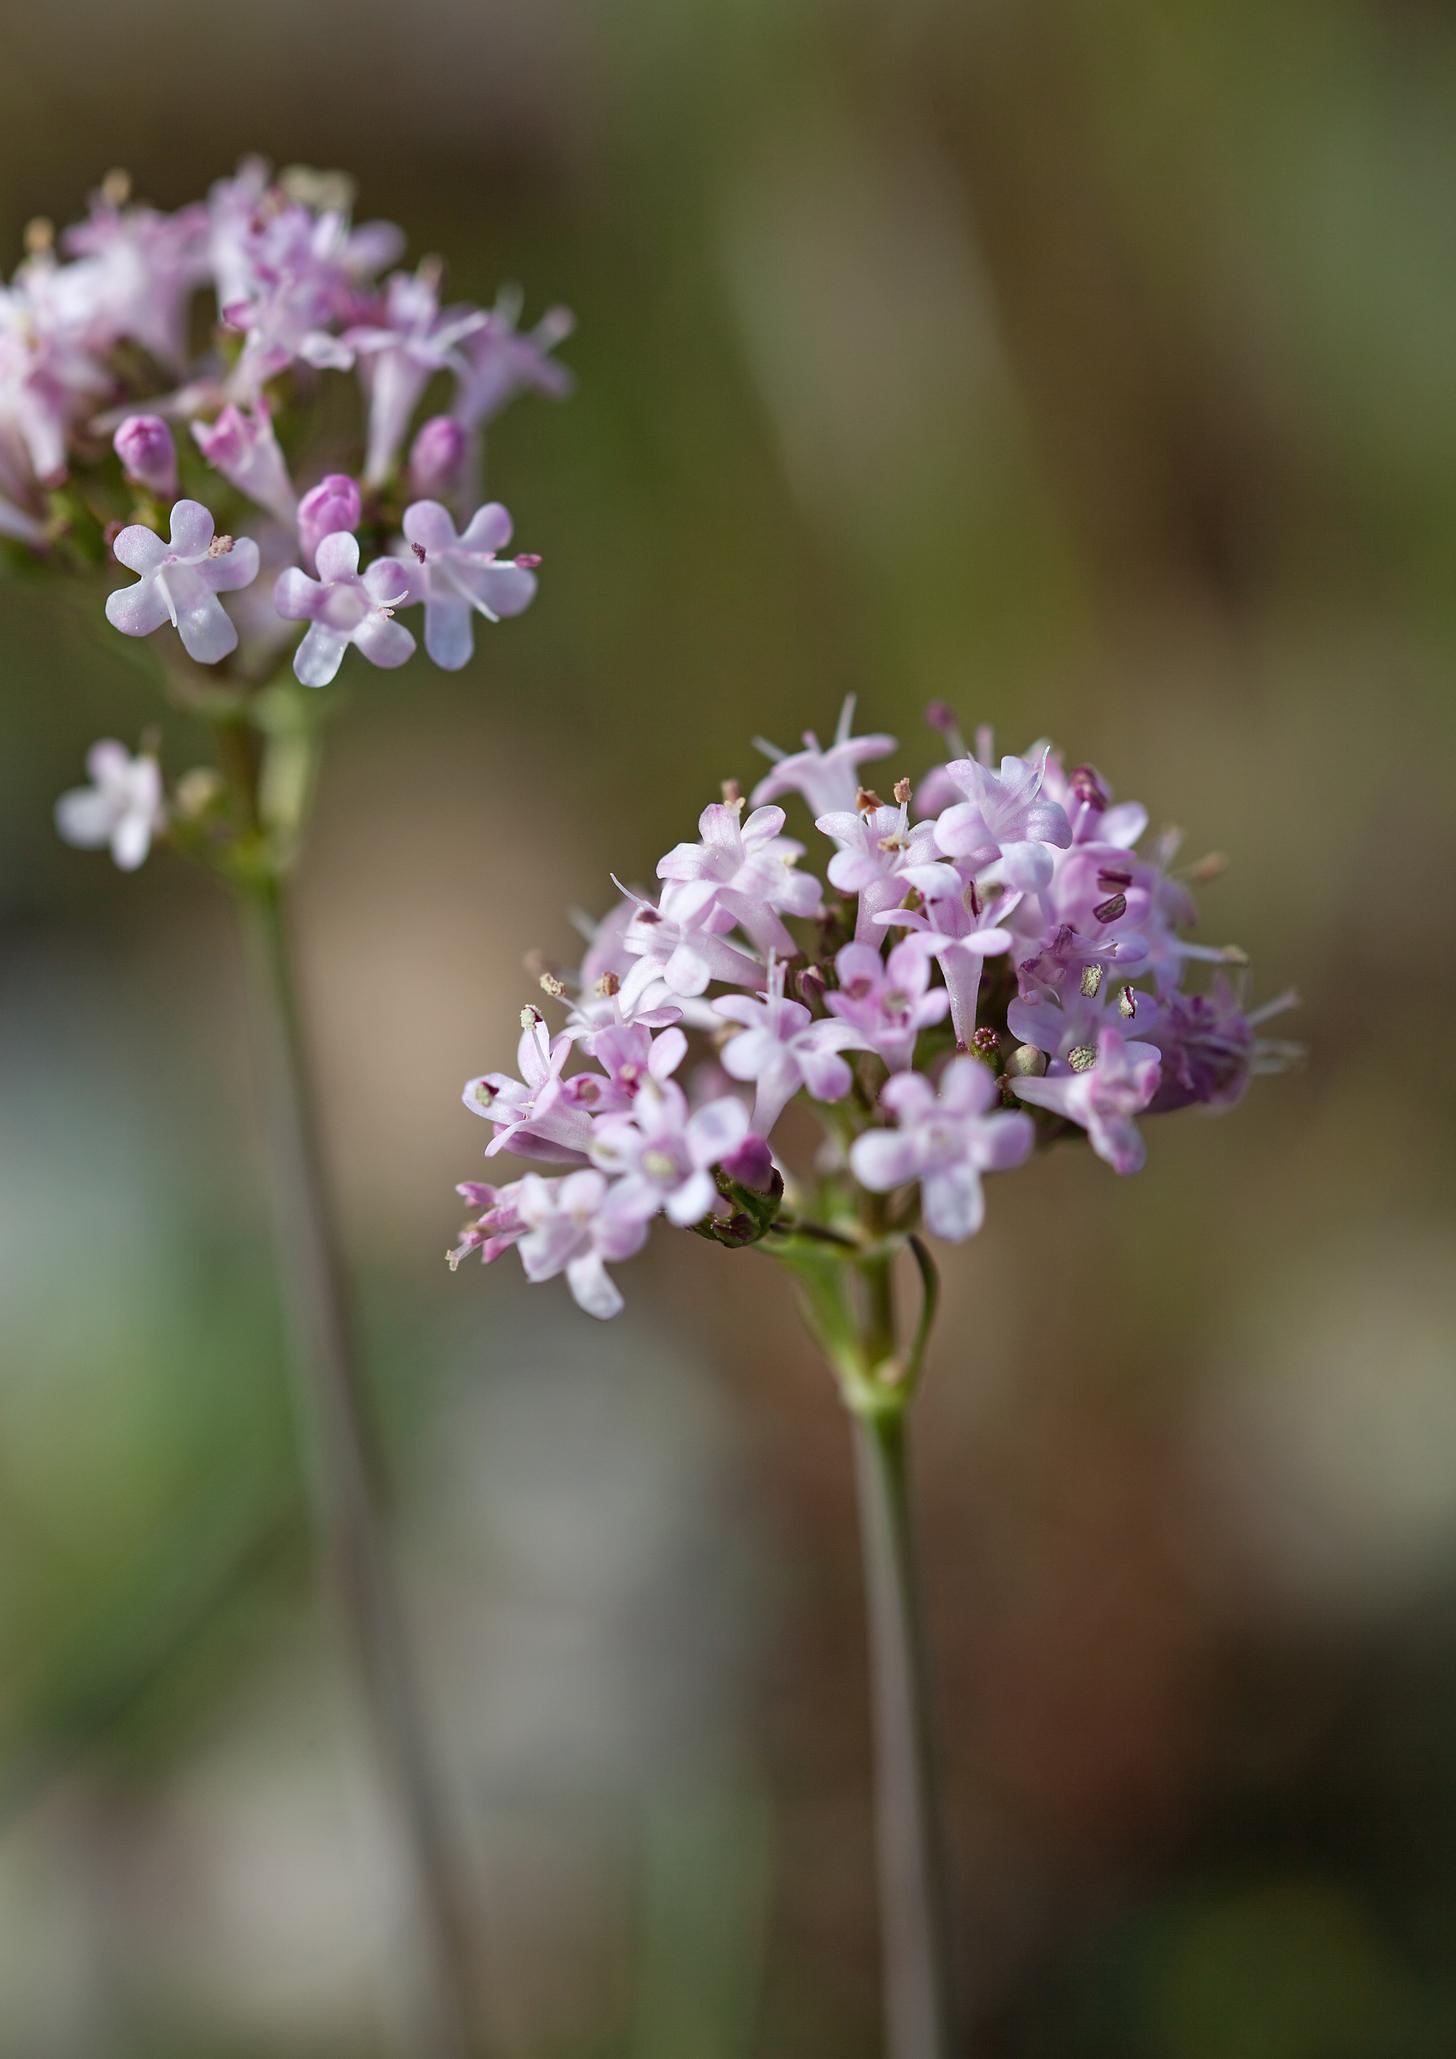 Валериана (Лечебна дилянка): Едва ли има някой да не го асоциира валериана с хапчета за успокоение. Може би много малко хора знаят, че това всъщност е многогодишно растение, което цъфти през май-юни. Цветовете са използвани за парфюм още през XVI век. За пръв път римският лекар и философ Гален предписва корени от валериана за безсъние. Ако искате да имате това растение във Вашата спалня трябва да знаете, че тя се нуждае от пълно слънце в продължение на 6 часа на ден.